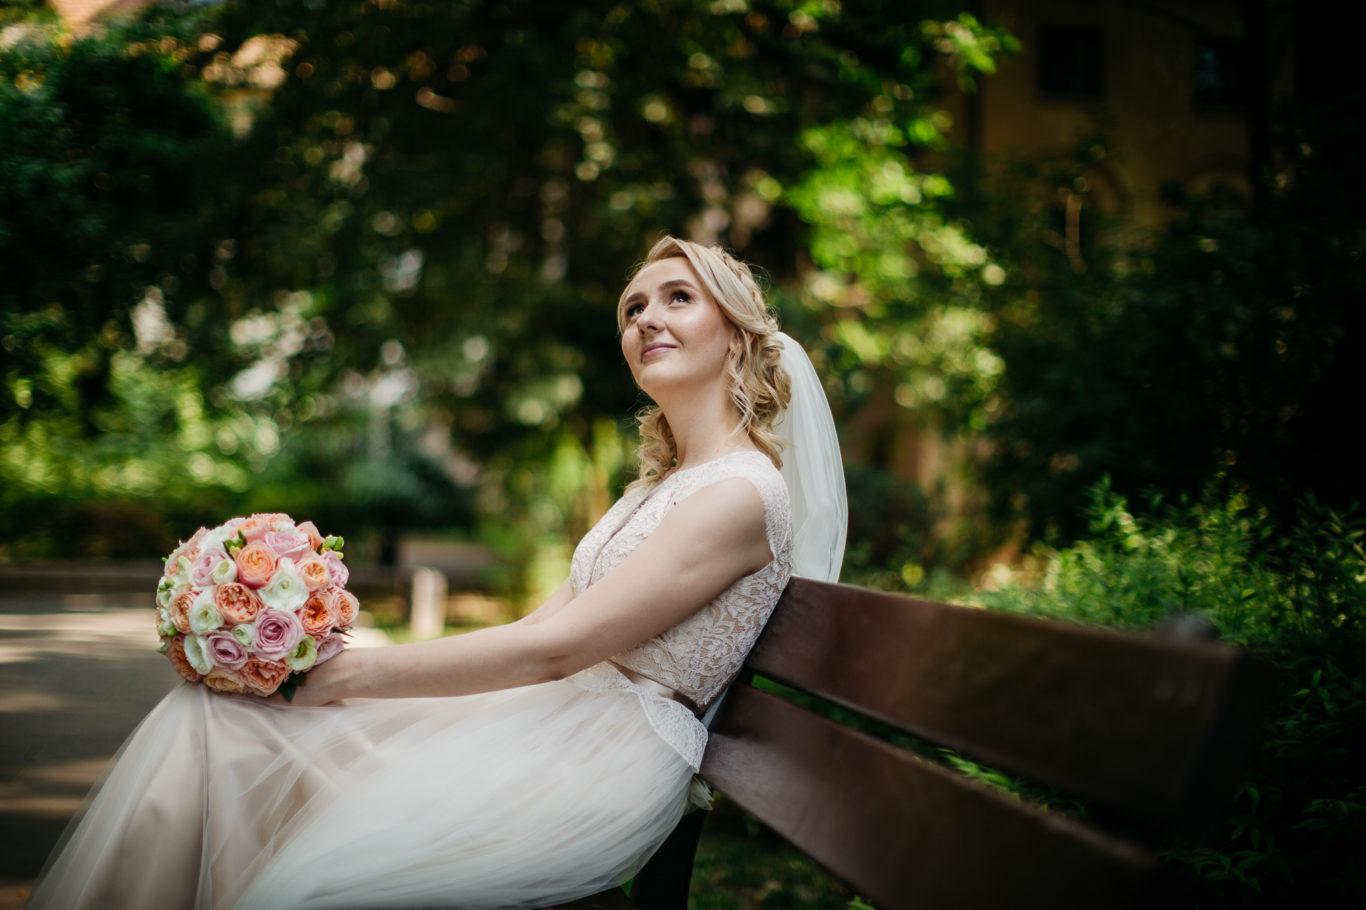 0472-Fotografie-nunta-Mirela-Iulian-fotograf-Ciprian-Dumitrescu-DCF_7203